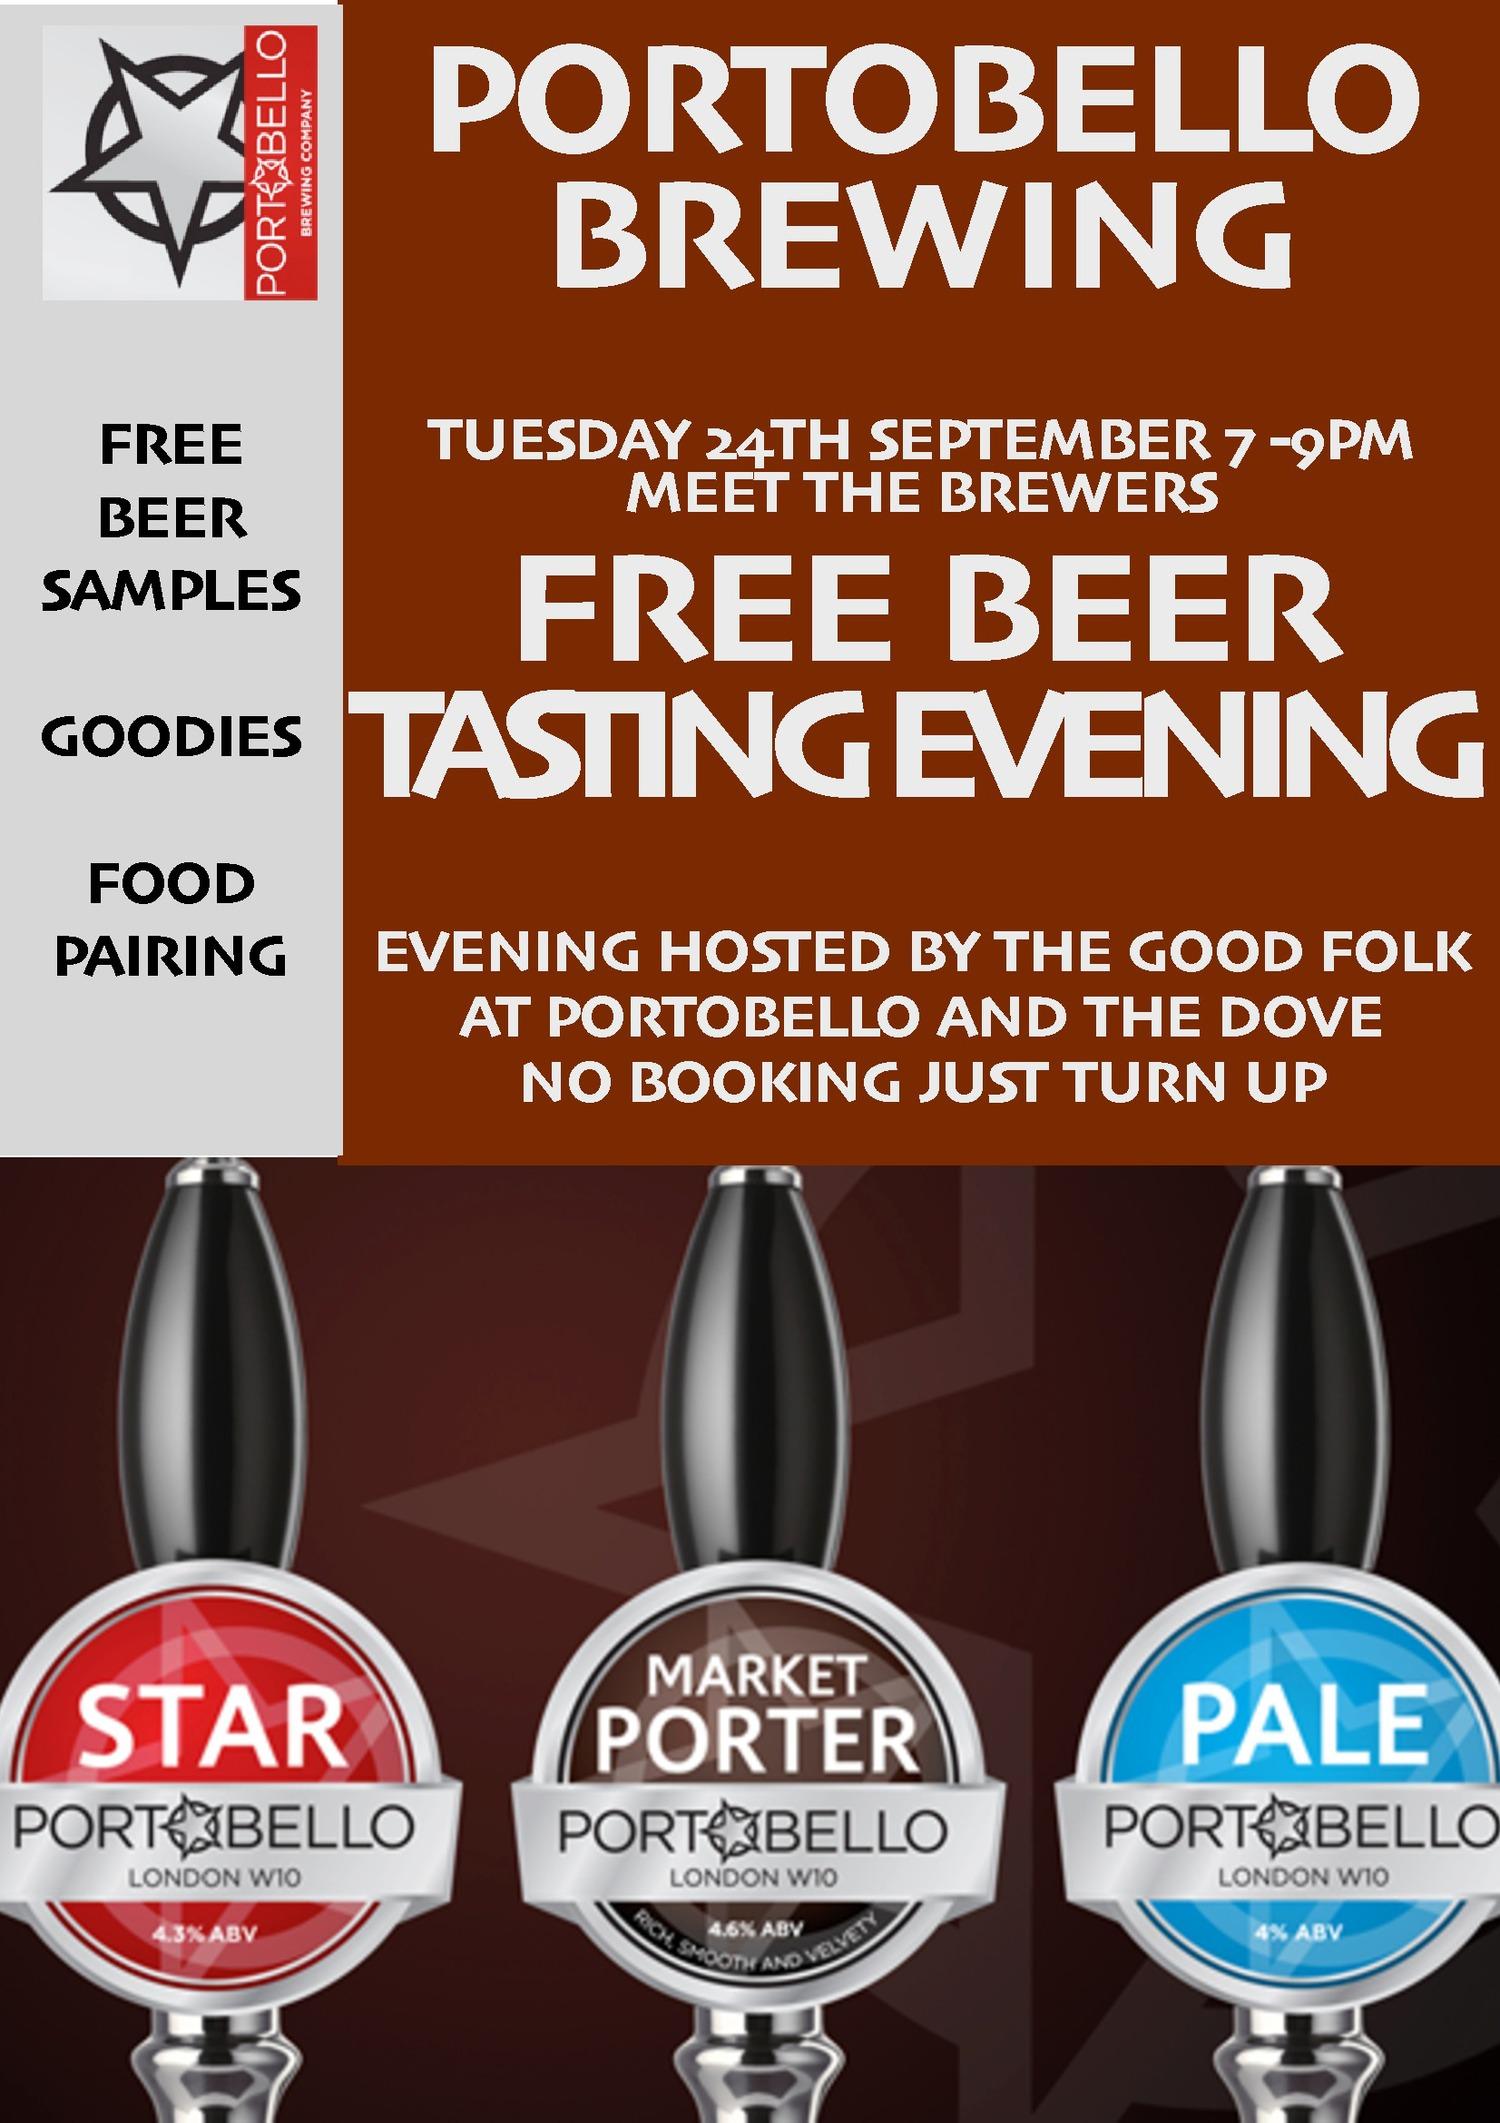 Portobello Brewing - Beer tasting evening 24th September